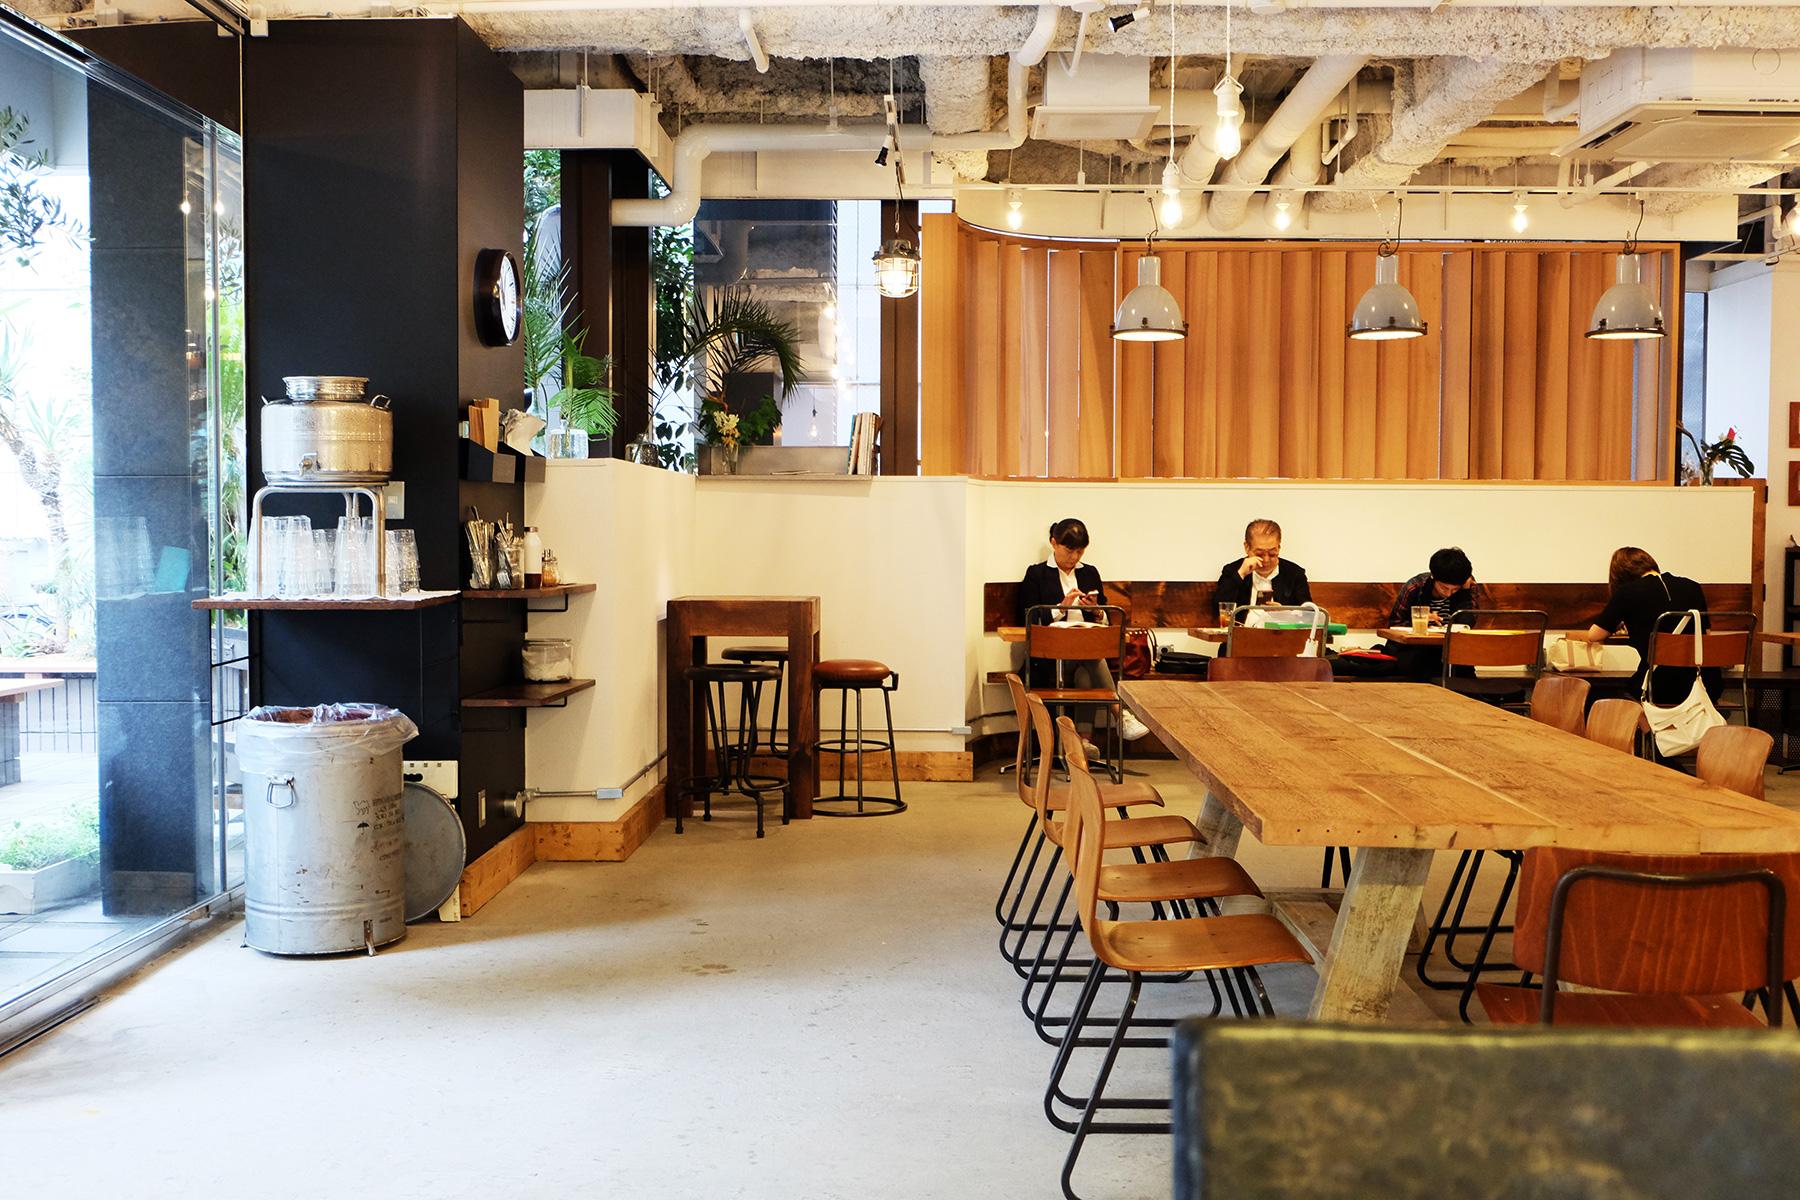 MORNING GLASS COFFEE + CAFE(モーニンググラスコーヒープラスカフェ) - ハワイで人気の日本初出店カフェへ